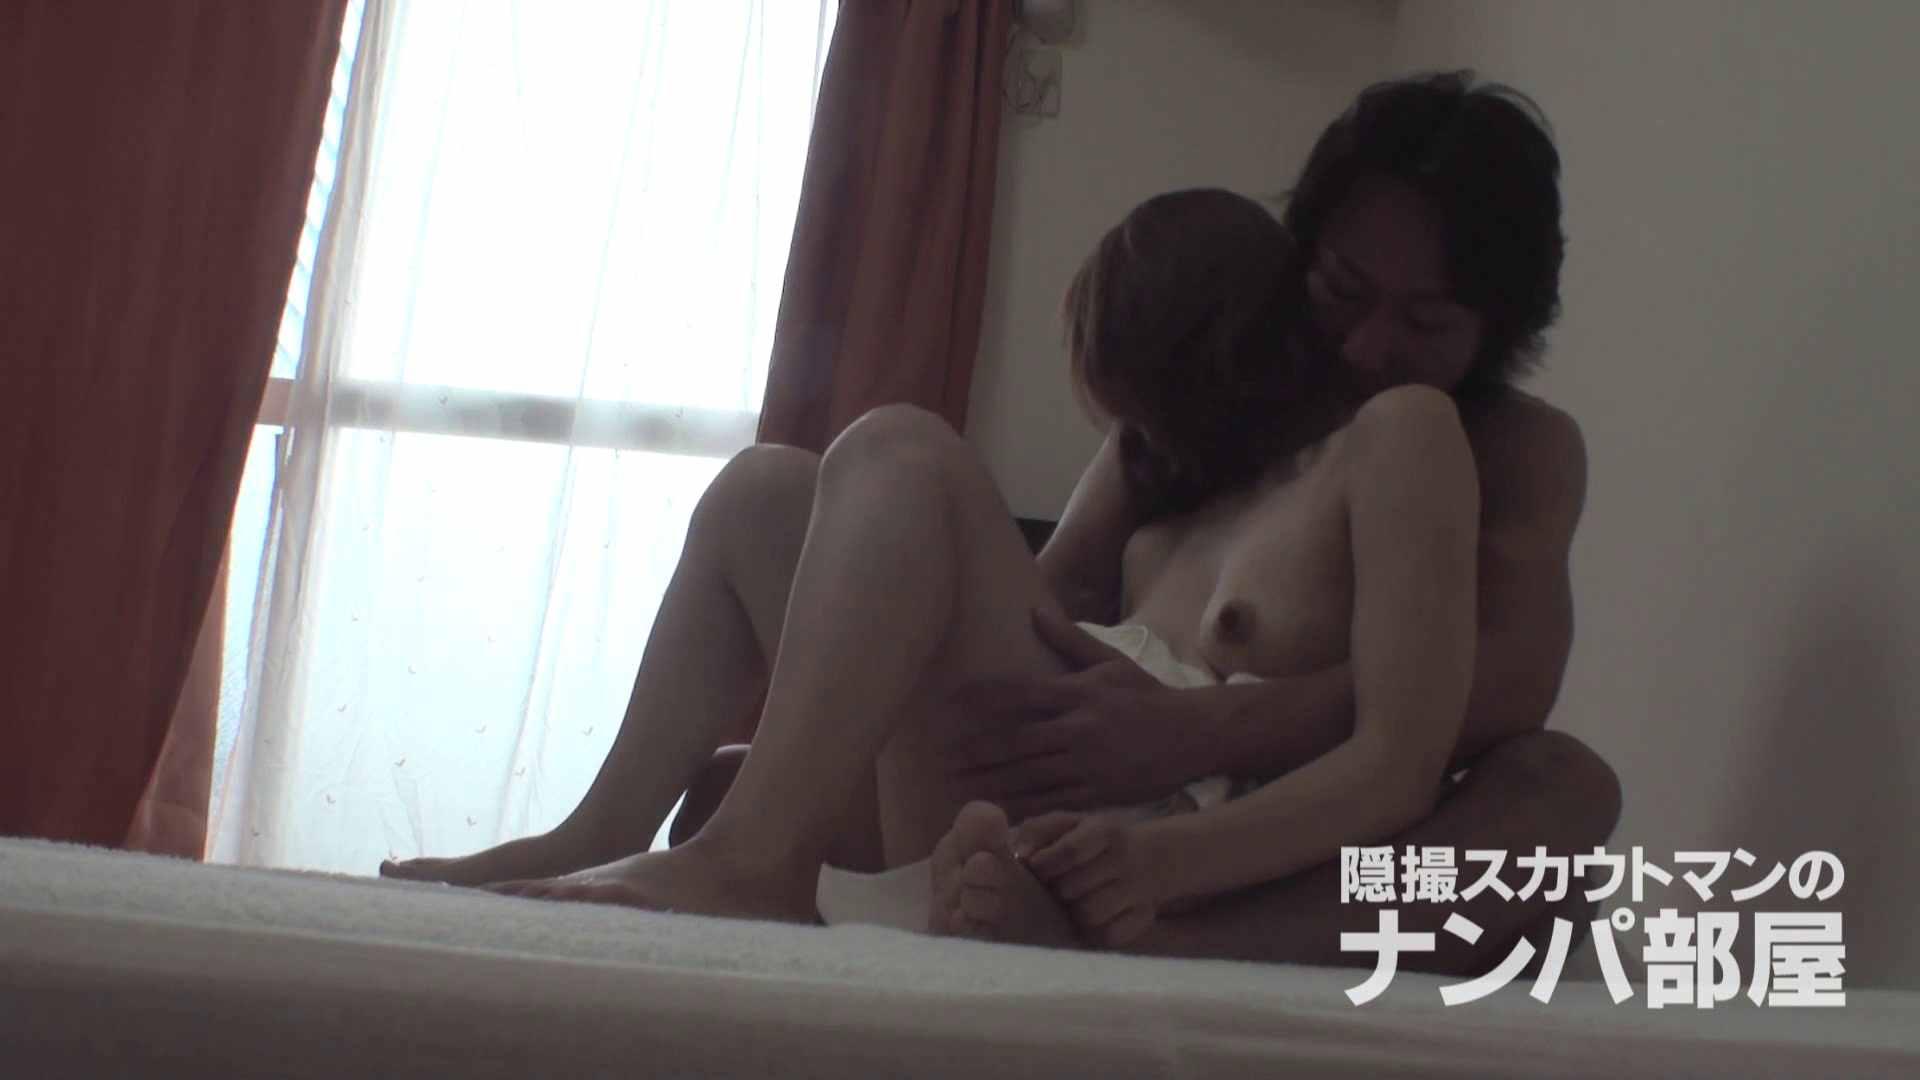 隠撮スカウトマンのナンパ部屋~風俗デビュー前のつまみ食い~ sii 隠撮 盗み撮り動画キャプチャ 90連発 68